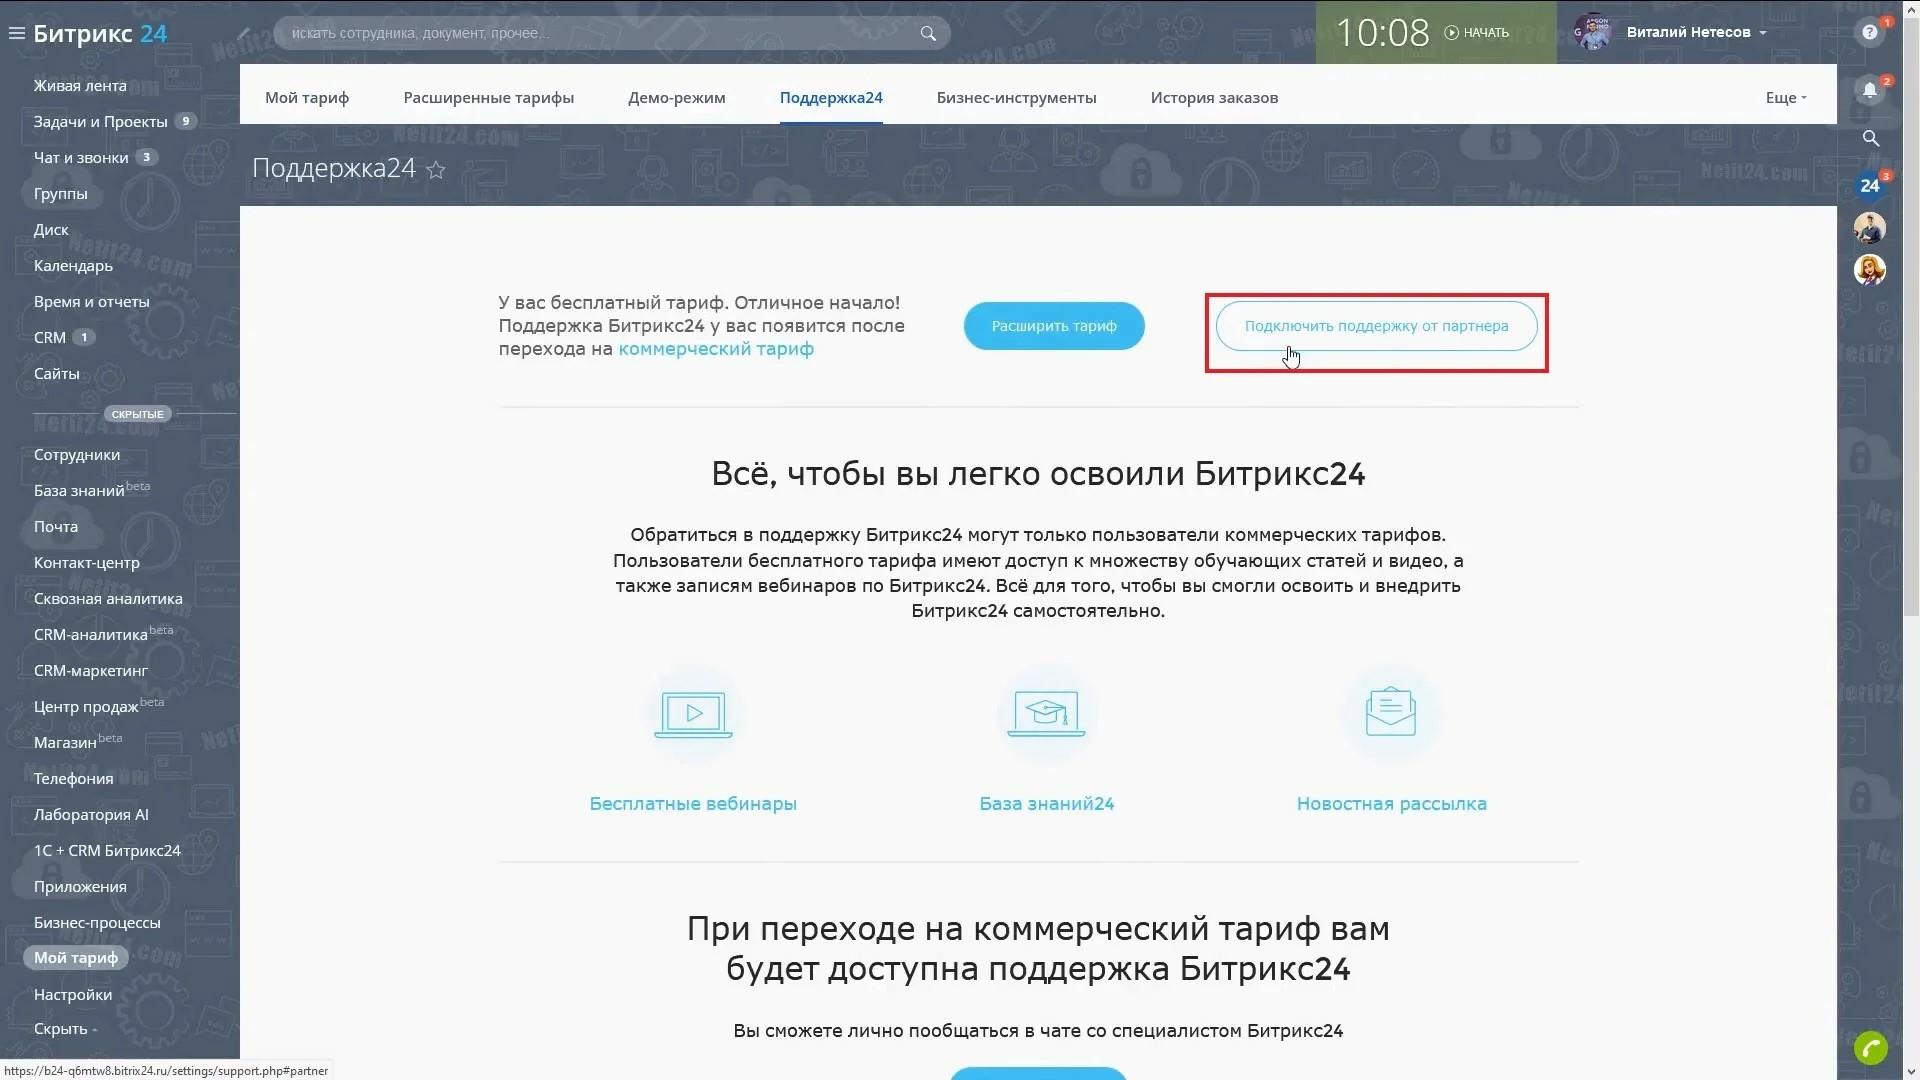 Кнопка подключения тех поддержки от партнера Битрикс24